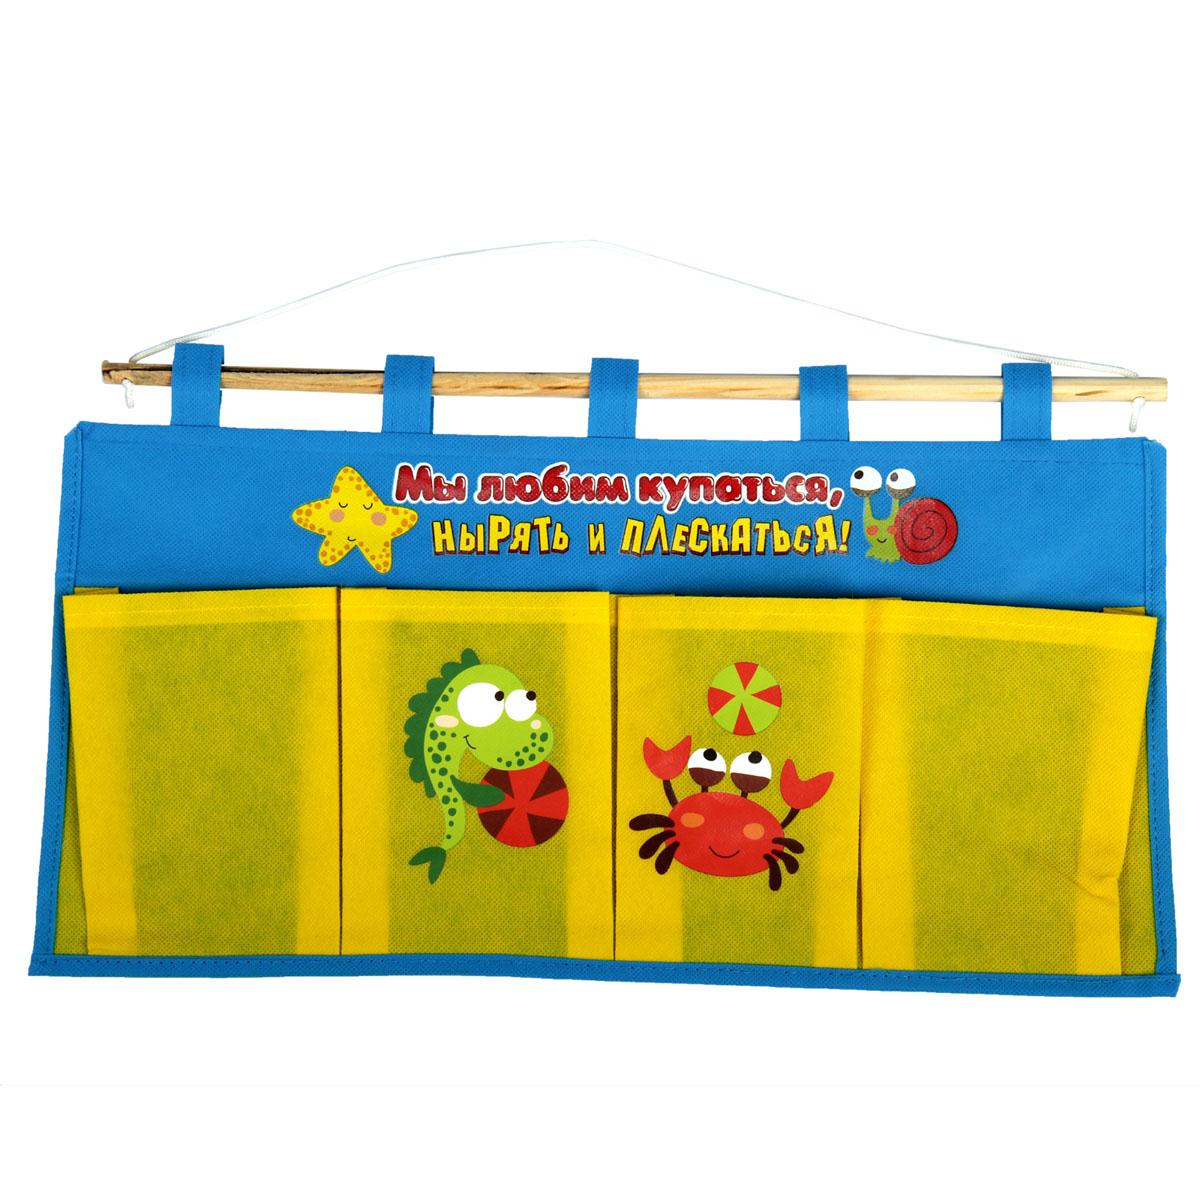 Кармашки на стену Sima-land Мы любим купаться, цвет: голубой, желтый, красный, 4 шт кармашки на стену sima land люблю школу цвет красный желтый коричневый 5 шт